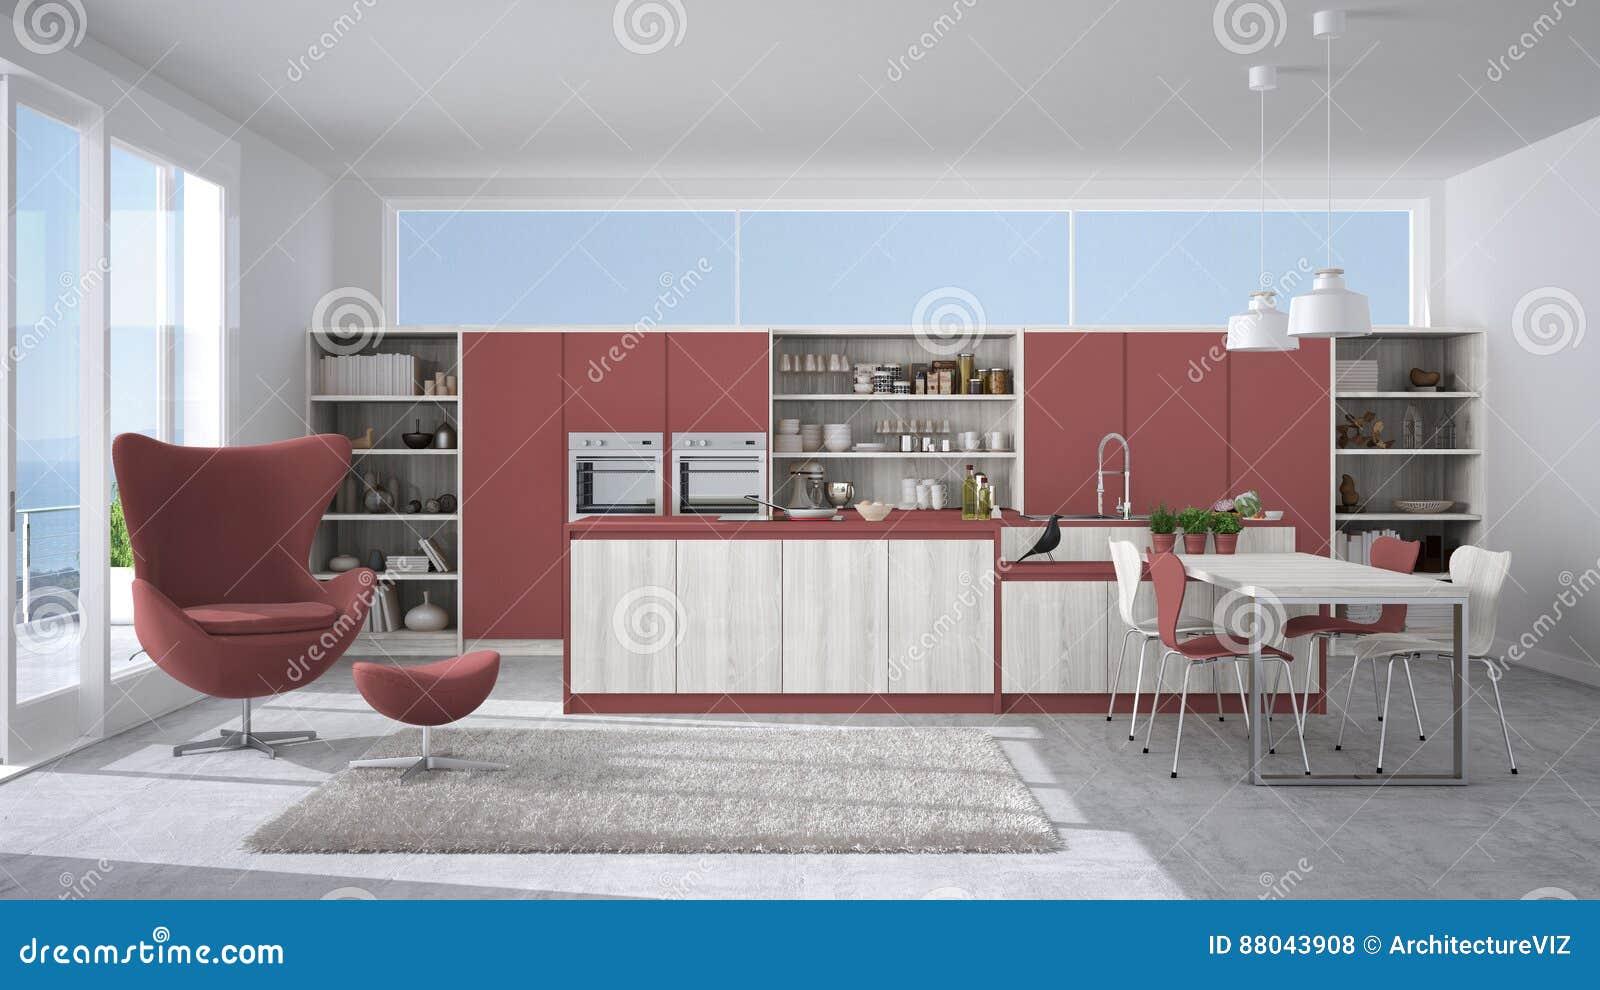 Cucina Moderna Rossa E Bianca.Cucina Bianca E Rossa Moderna Con I Dettagli Di Legno